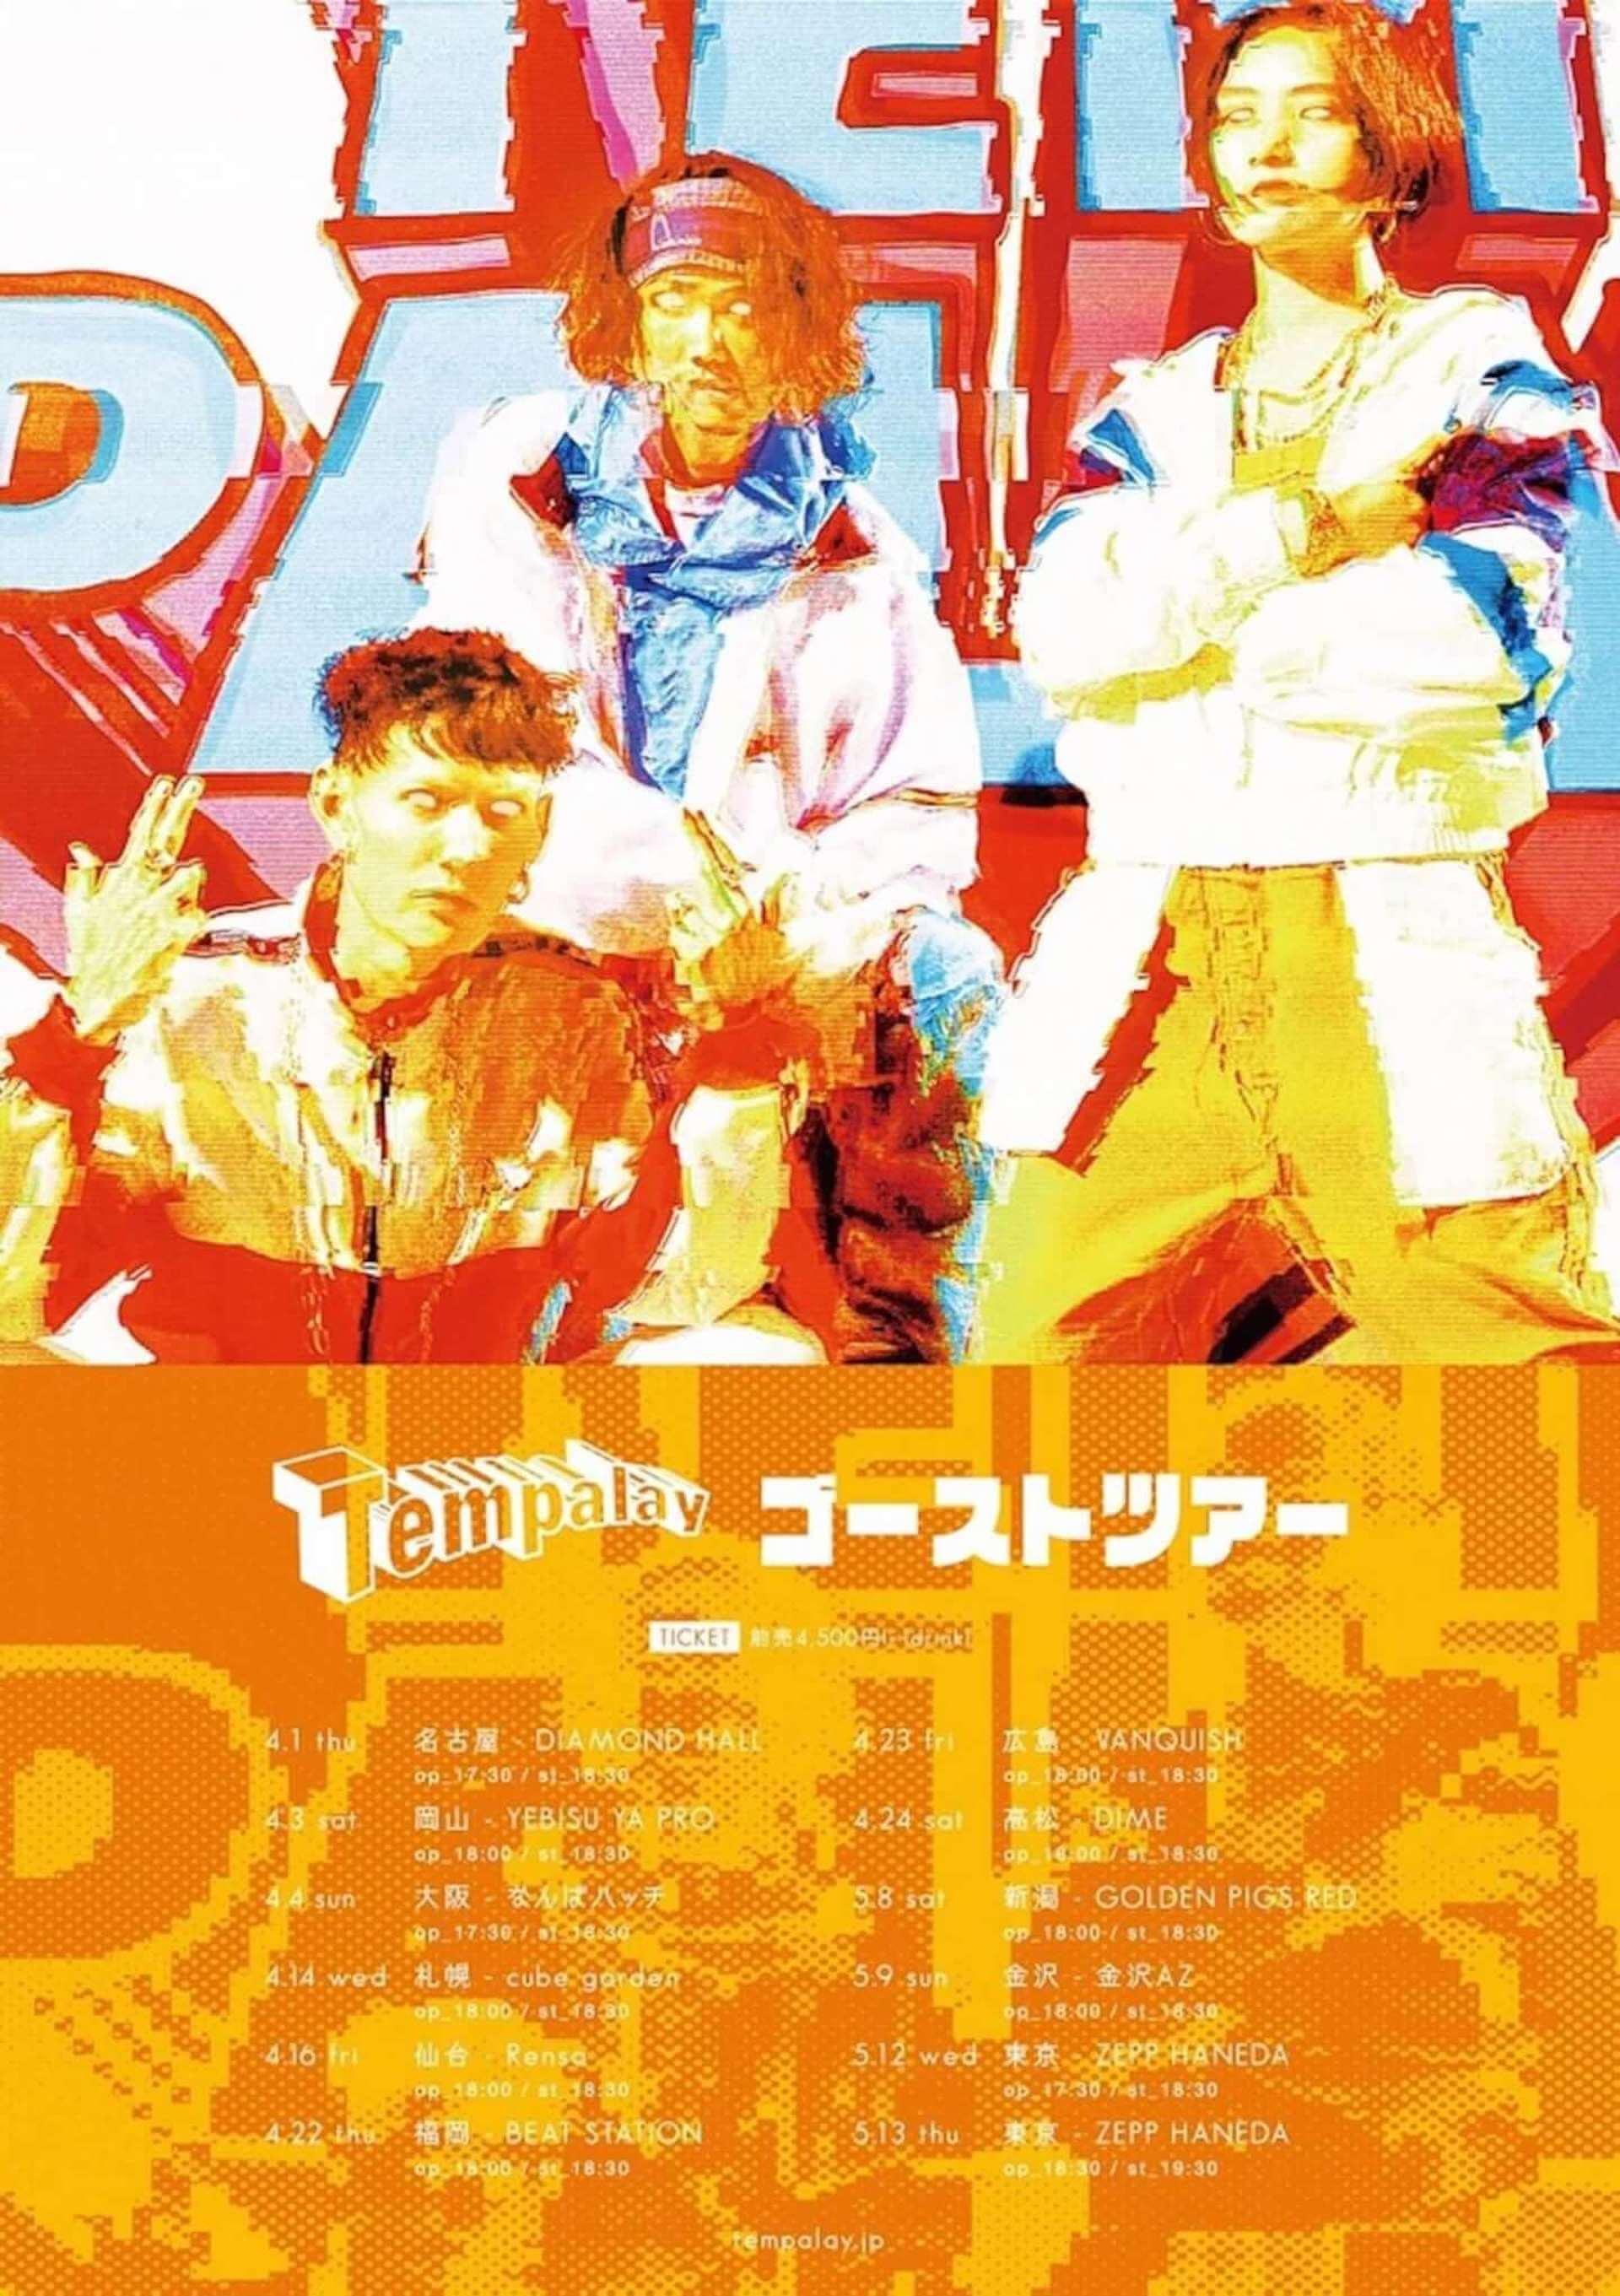 『Tempalayの、8時だョ!1時間後は9時だョ!』がInterFM897にて放送決定!Tempalay最新作『ゴーストアルバム』発売記念 music210311_tempalay_1-1920x2721